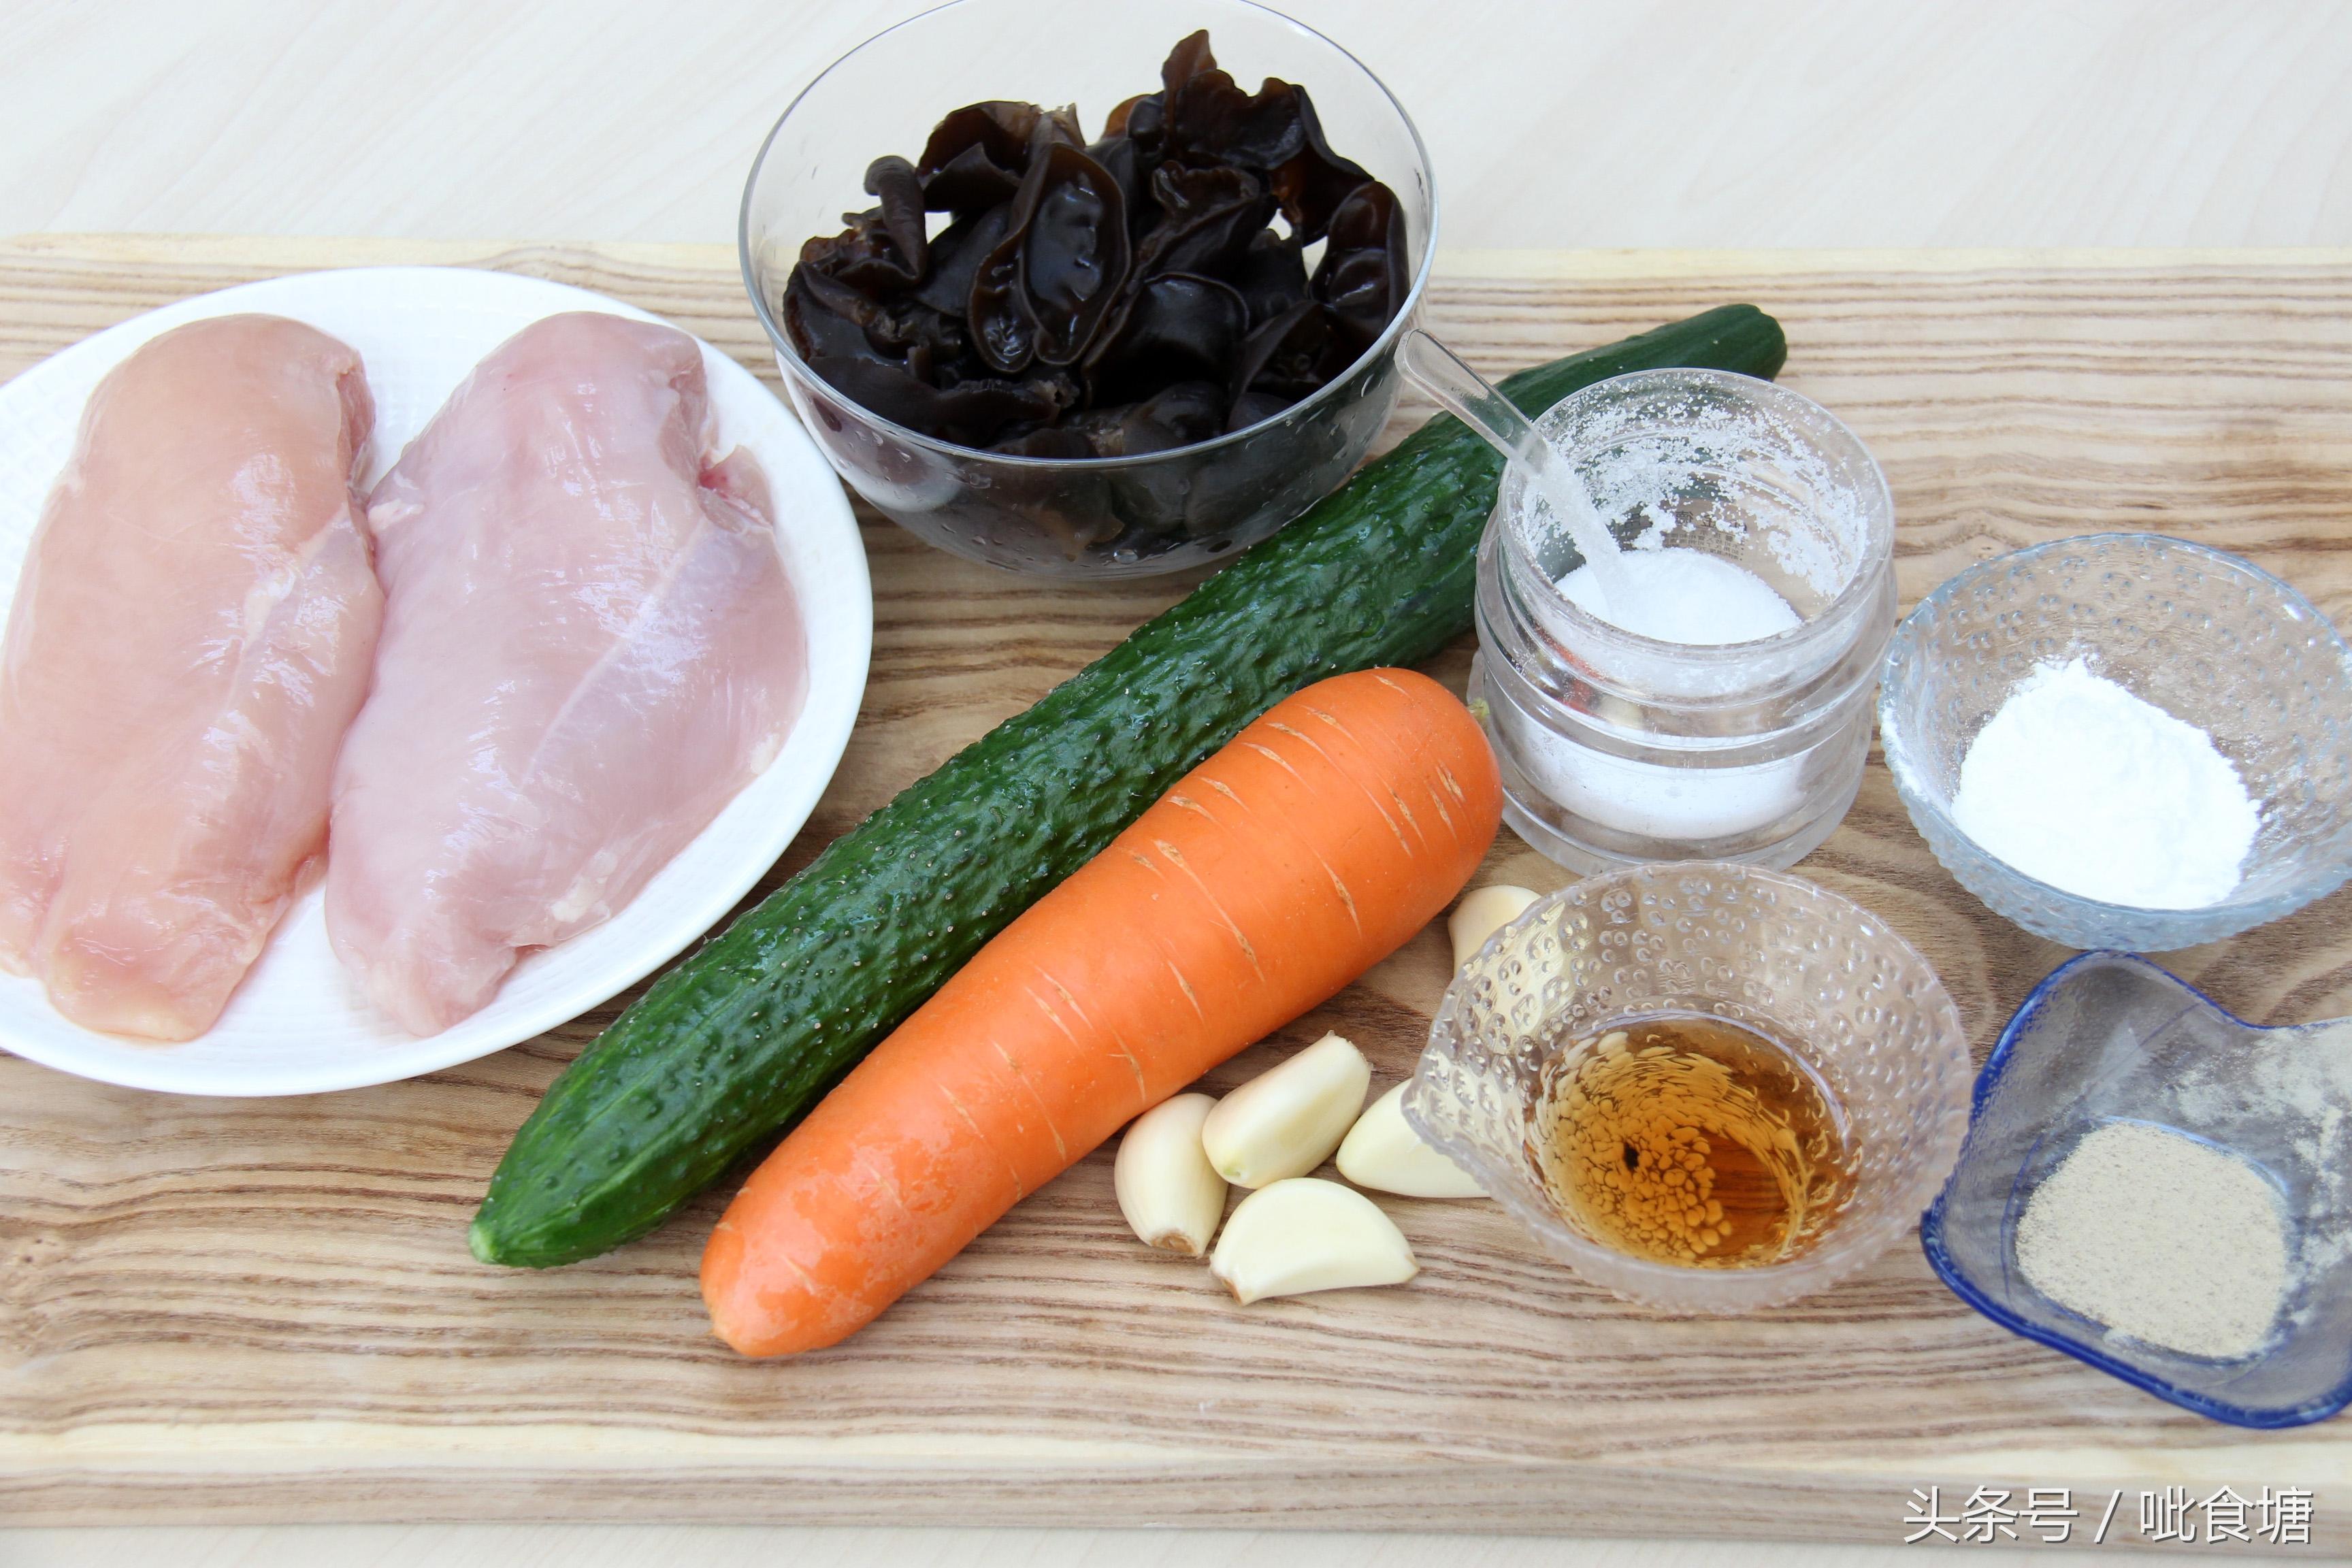 经典鲁菜滑溜鸡片 详细做法及鸡胸肉软嫩爽滑的技巧